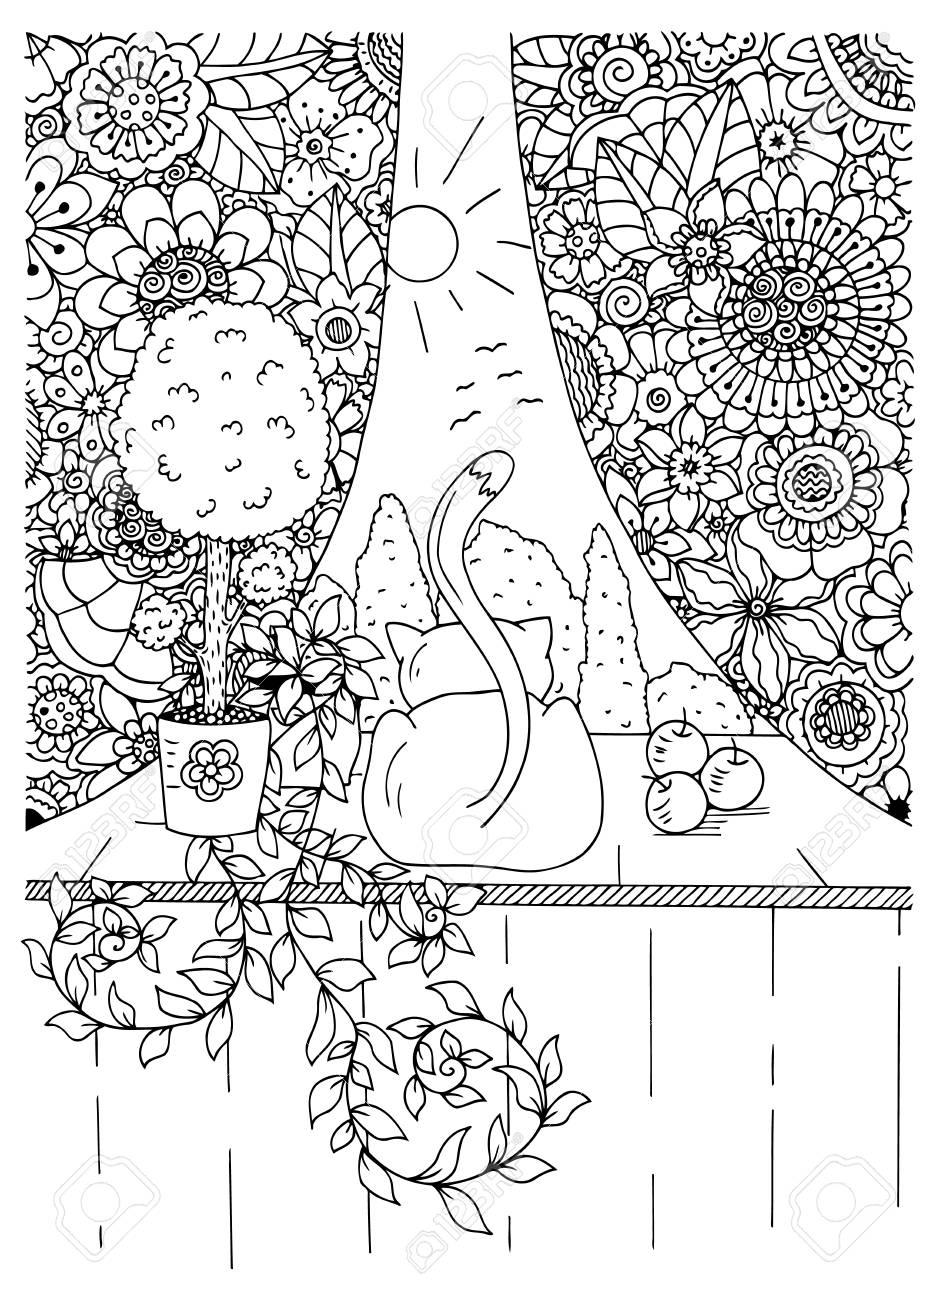 Cornici Disegno Bianco E Nero.Illustrazione Vettoriale Gatto Zentangl E Tende Fiore Cornice Doodle Disegno Esercizi Di Meditazione Libro Da Colorare Anti Stress Per Gli Adulti